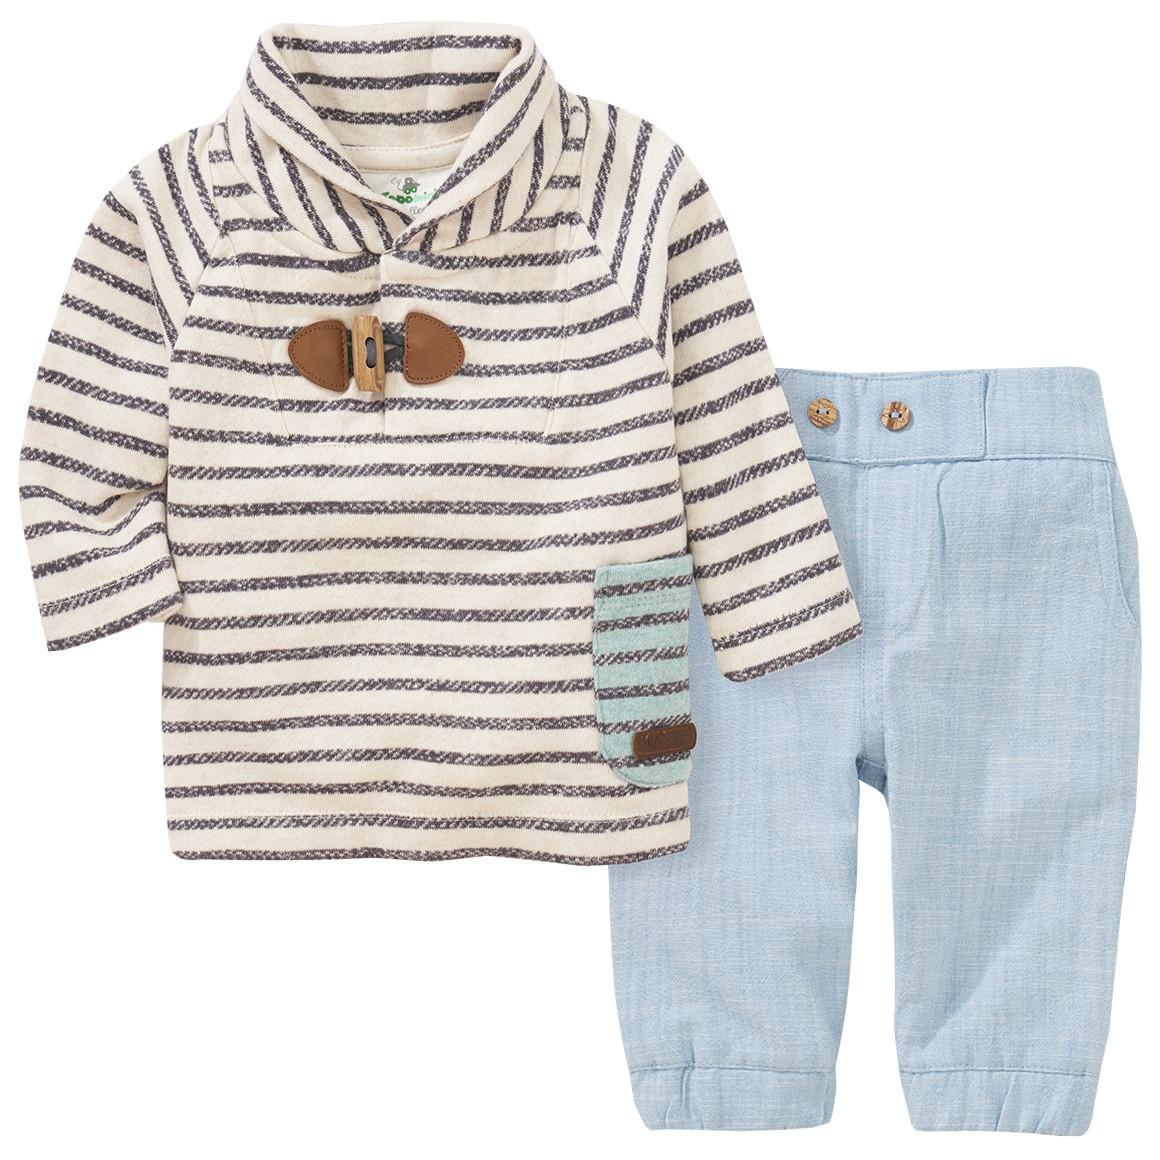 Babysets - Newborn Sweatshirt und Hose im Set - Onlineshop Ernstings family